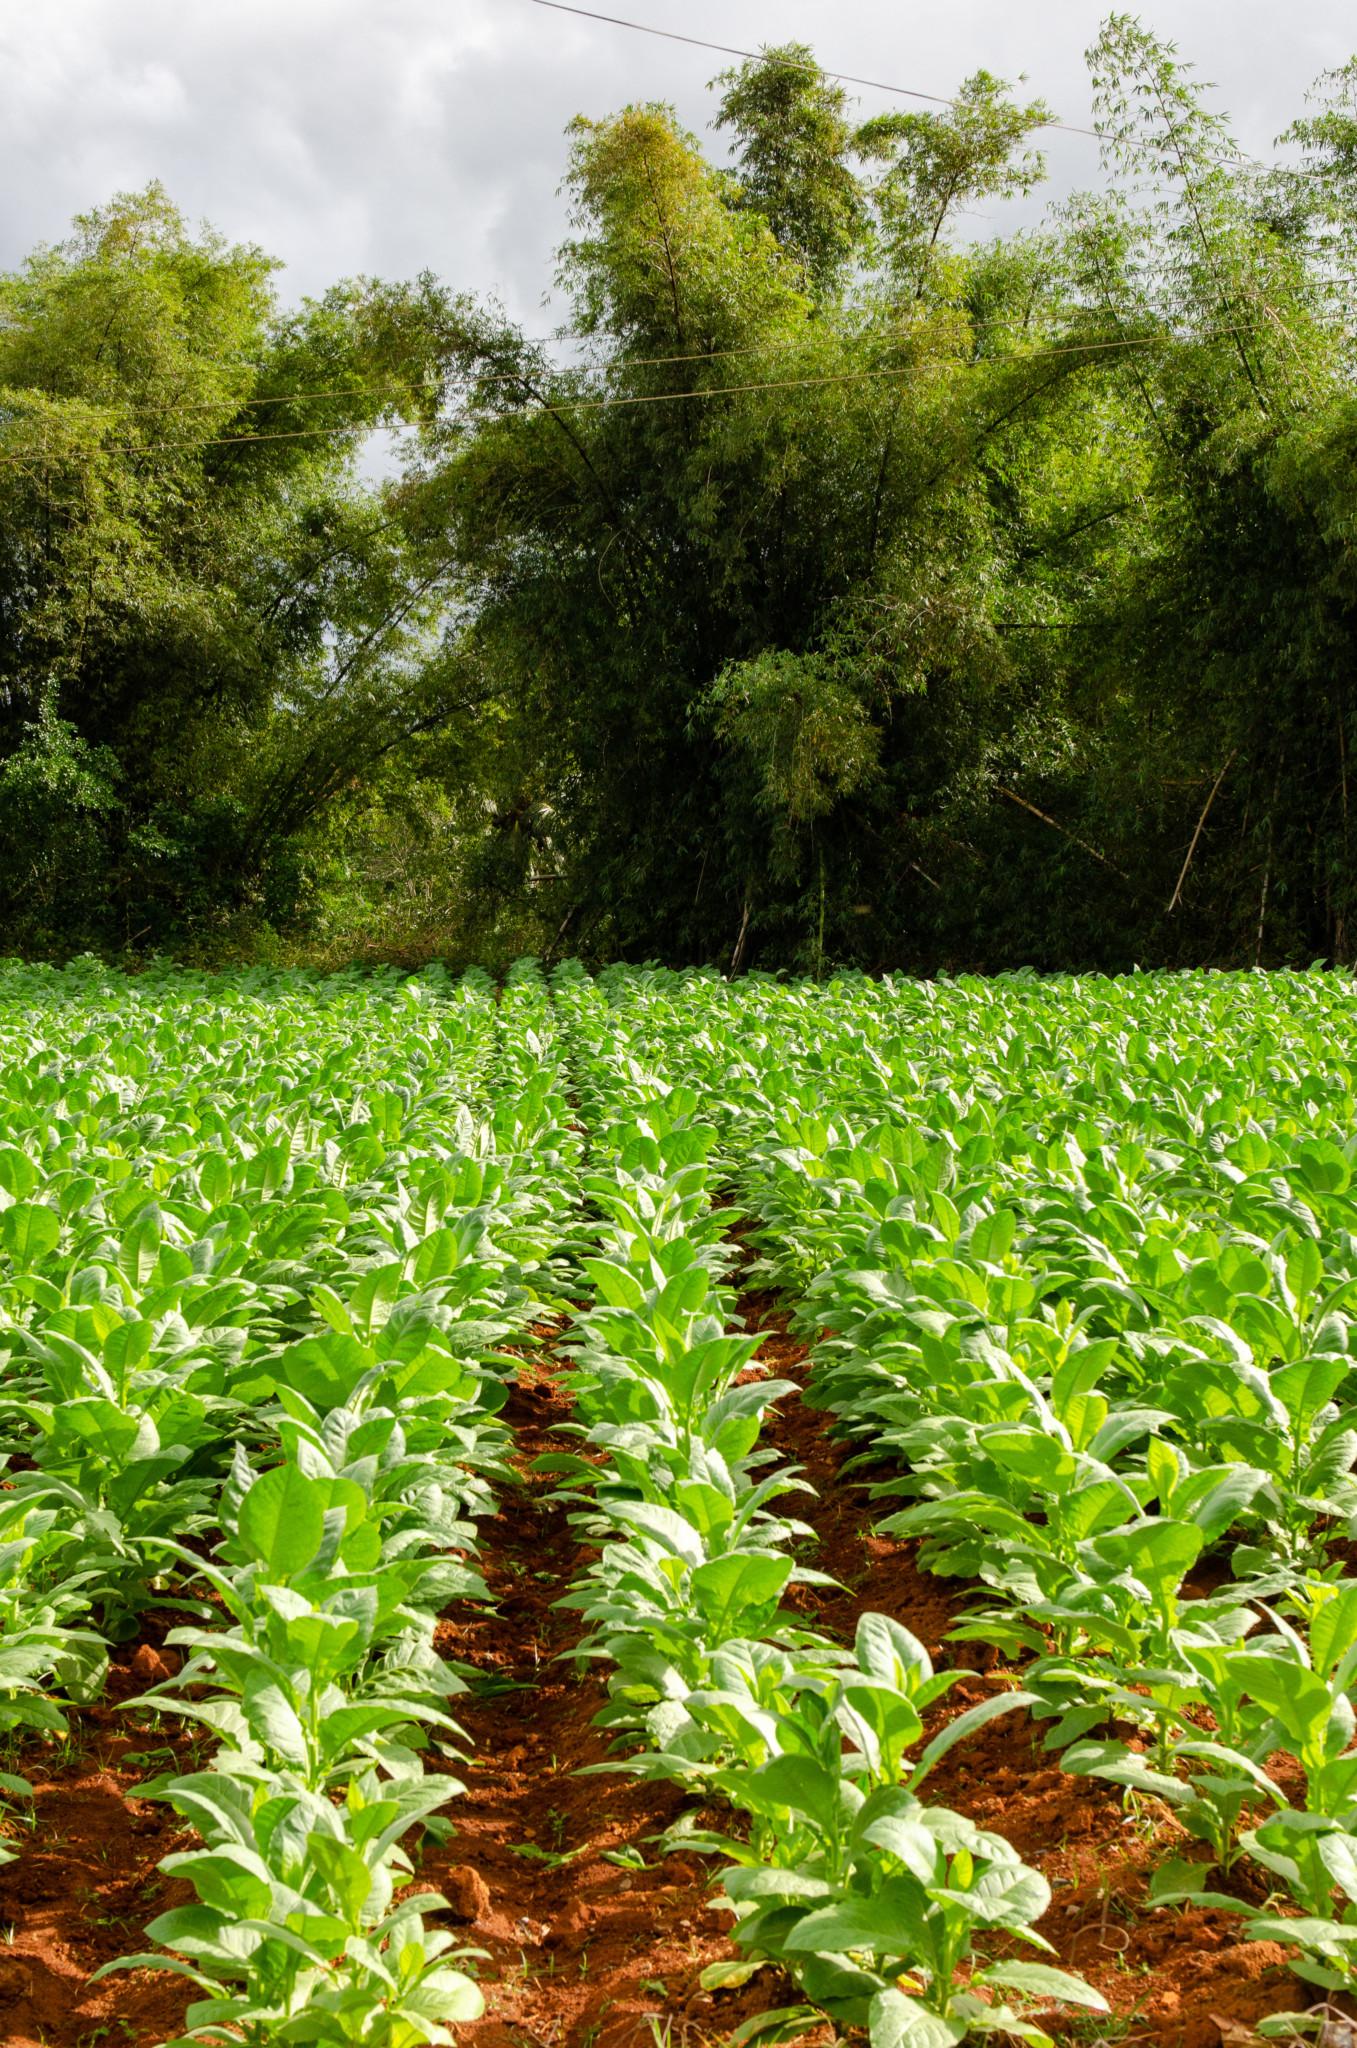 Tabakfelder in Pinar del Rio in kann man ganz einfach besuchen